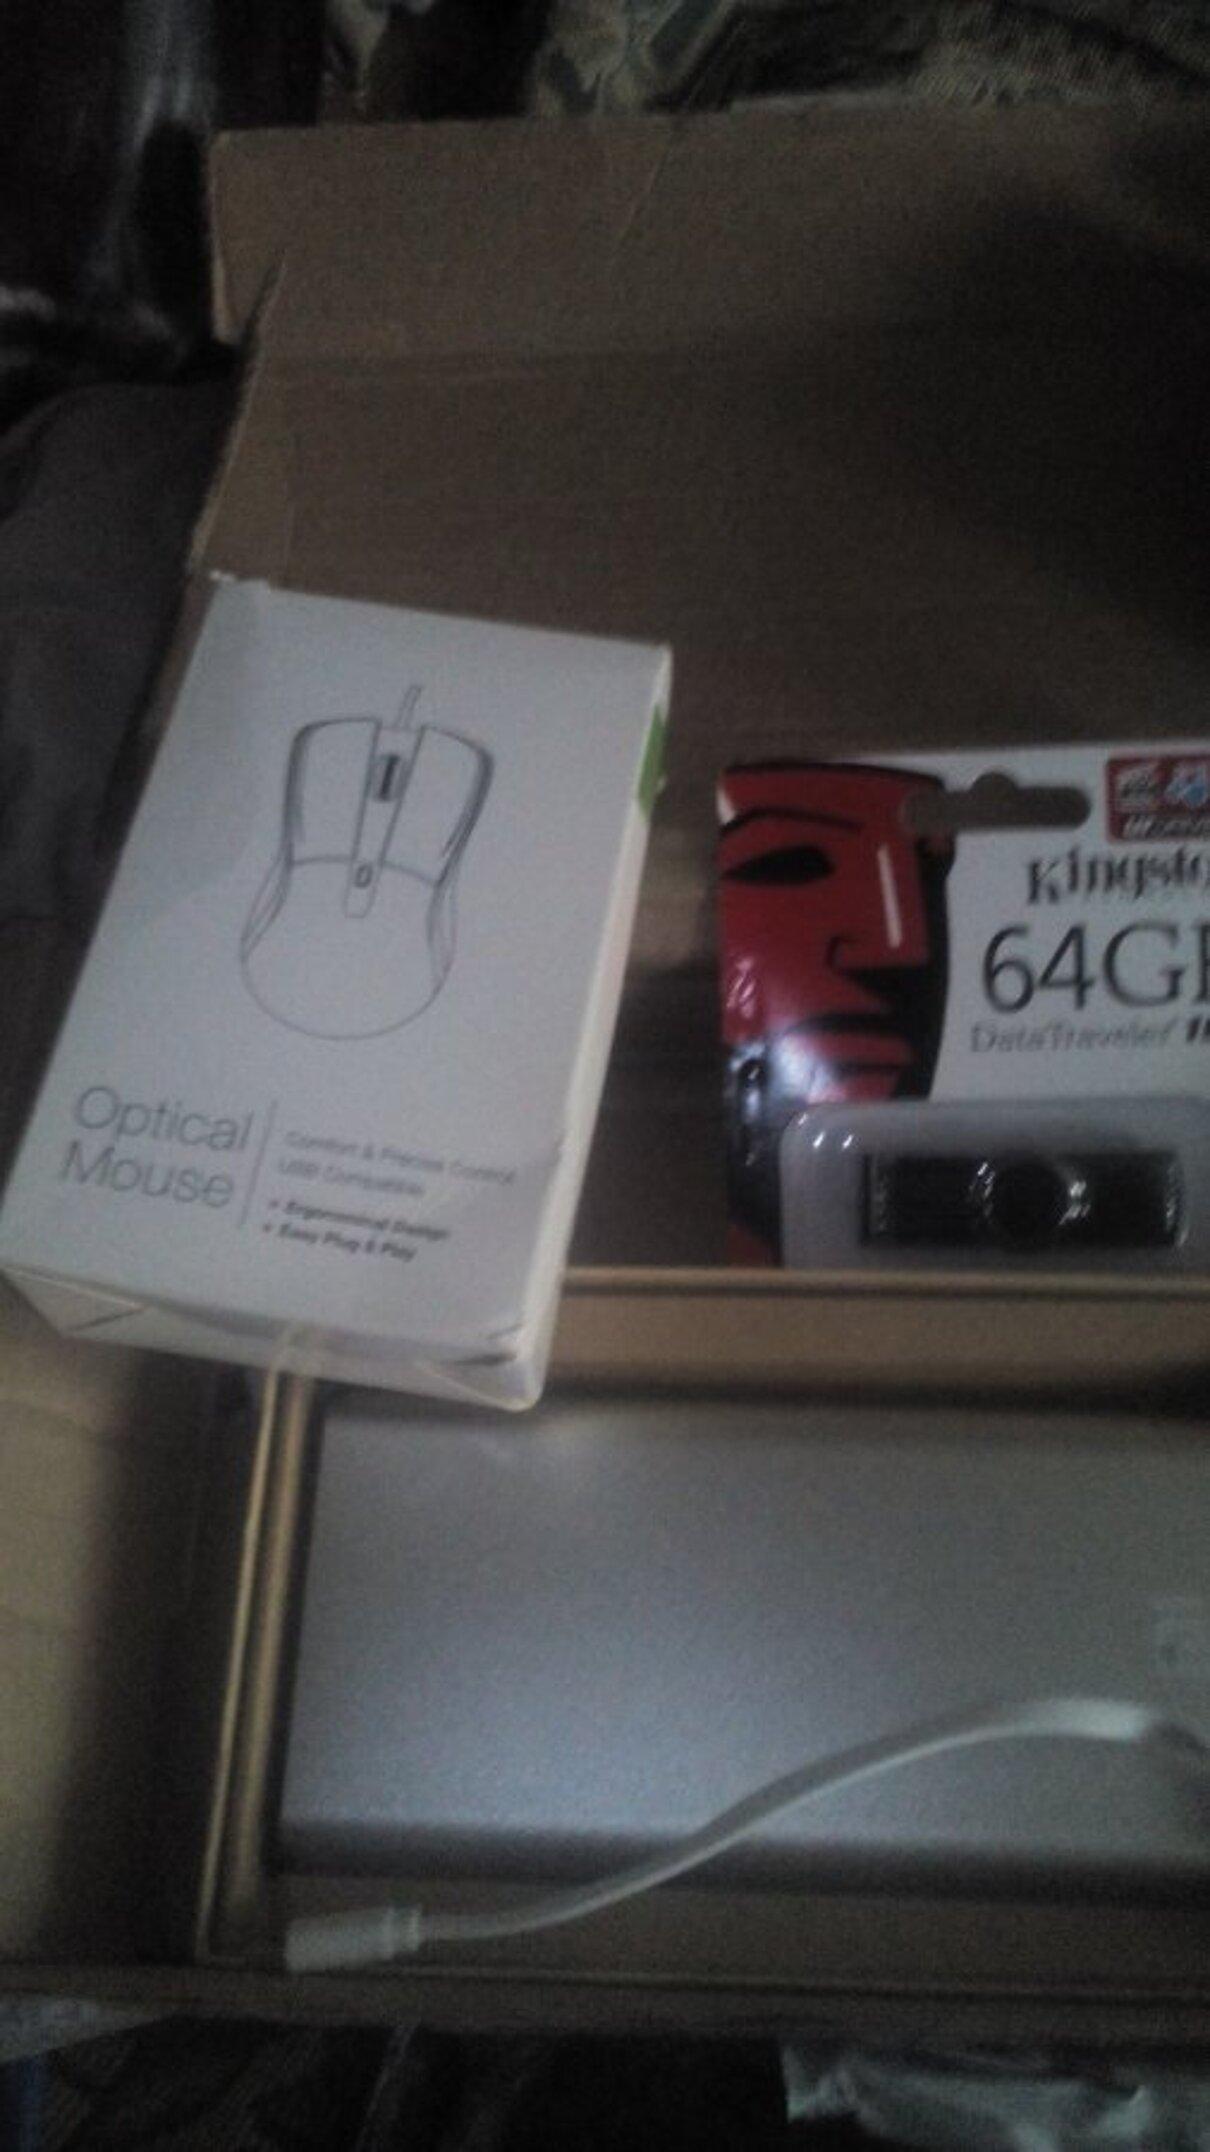 Жалоба-отзыв: Otdel.klient@gmail.com - Как вернуть посылку из онлайн магазина.  Фото №3